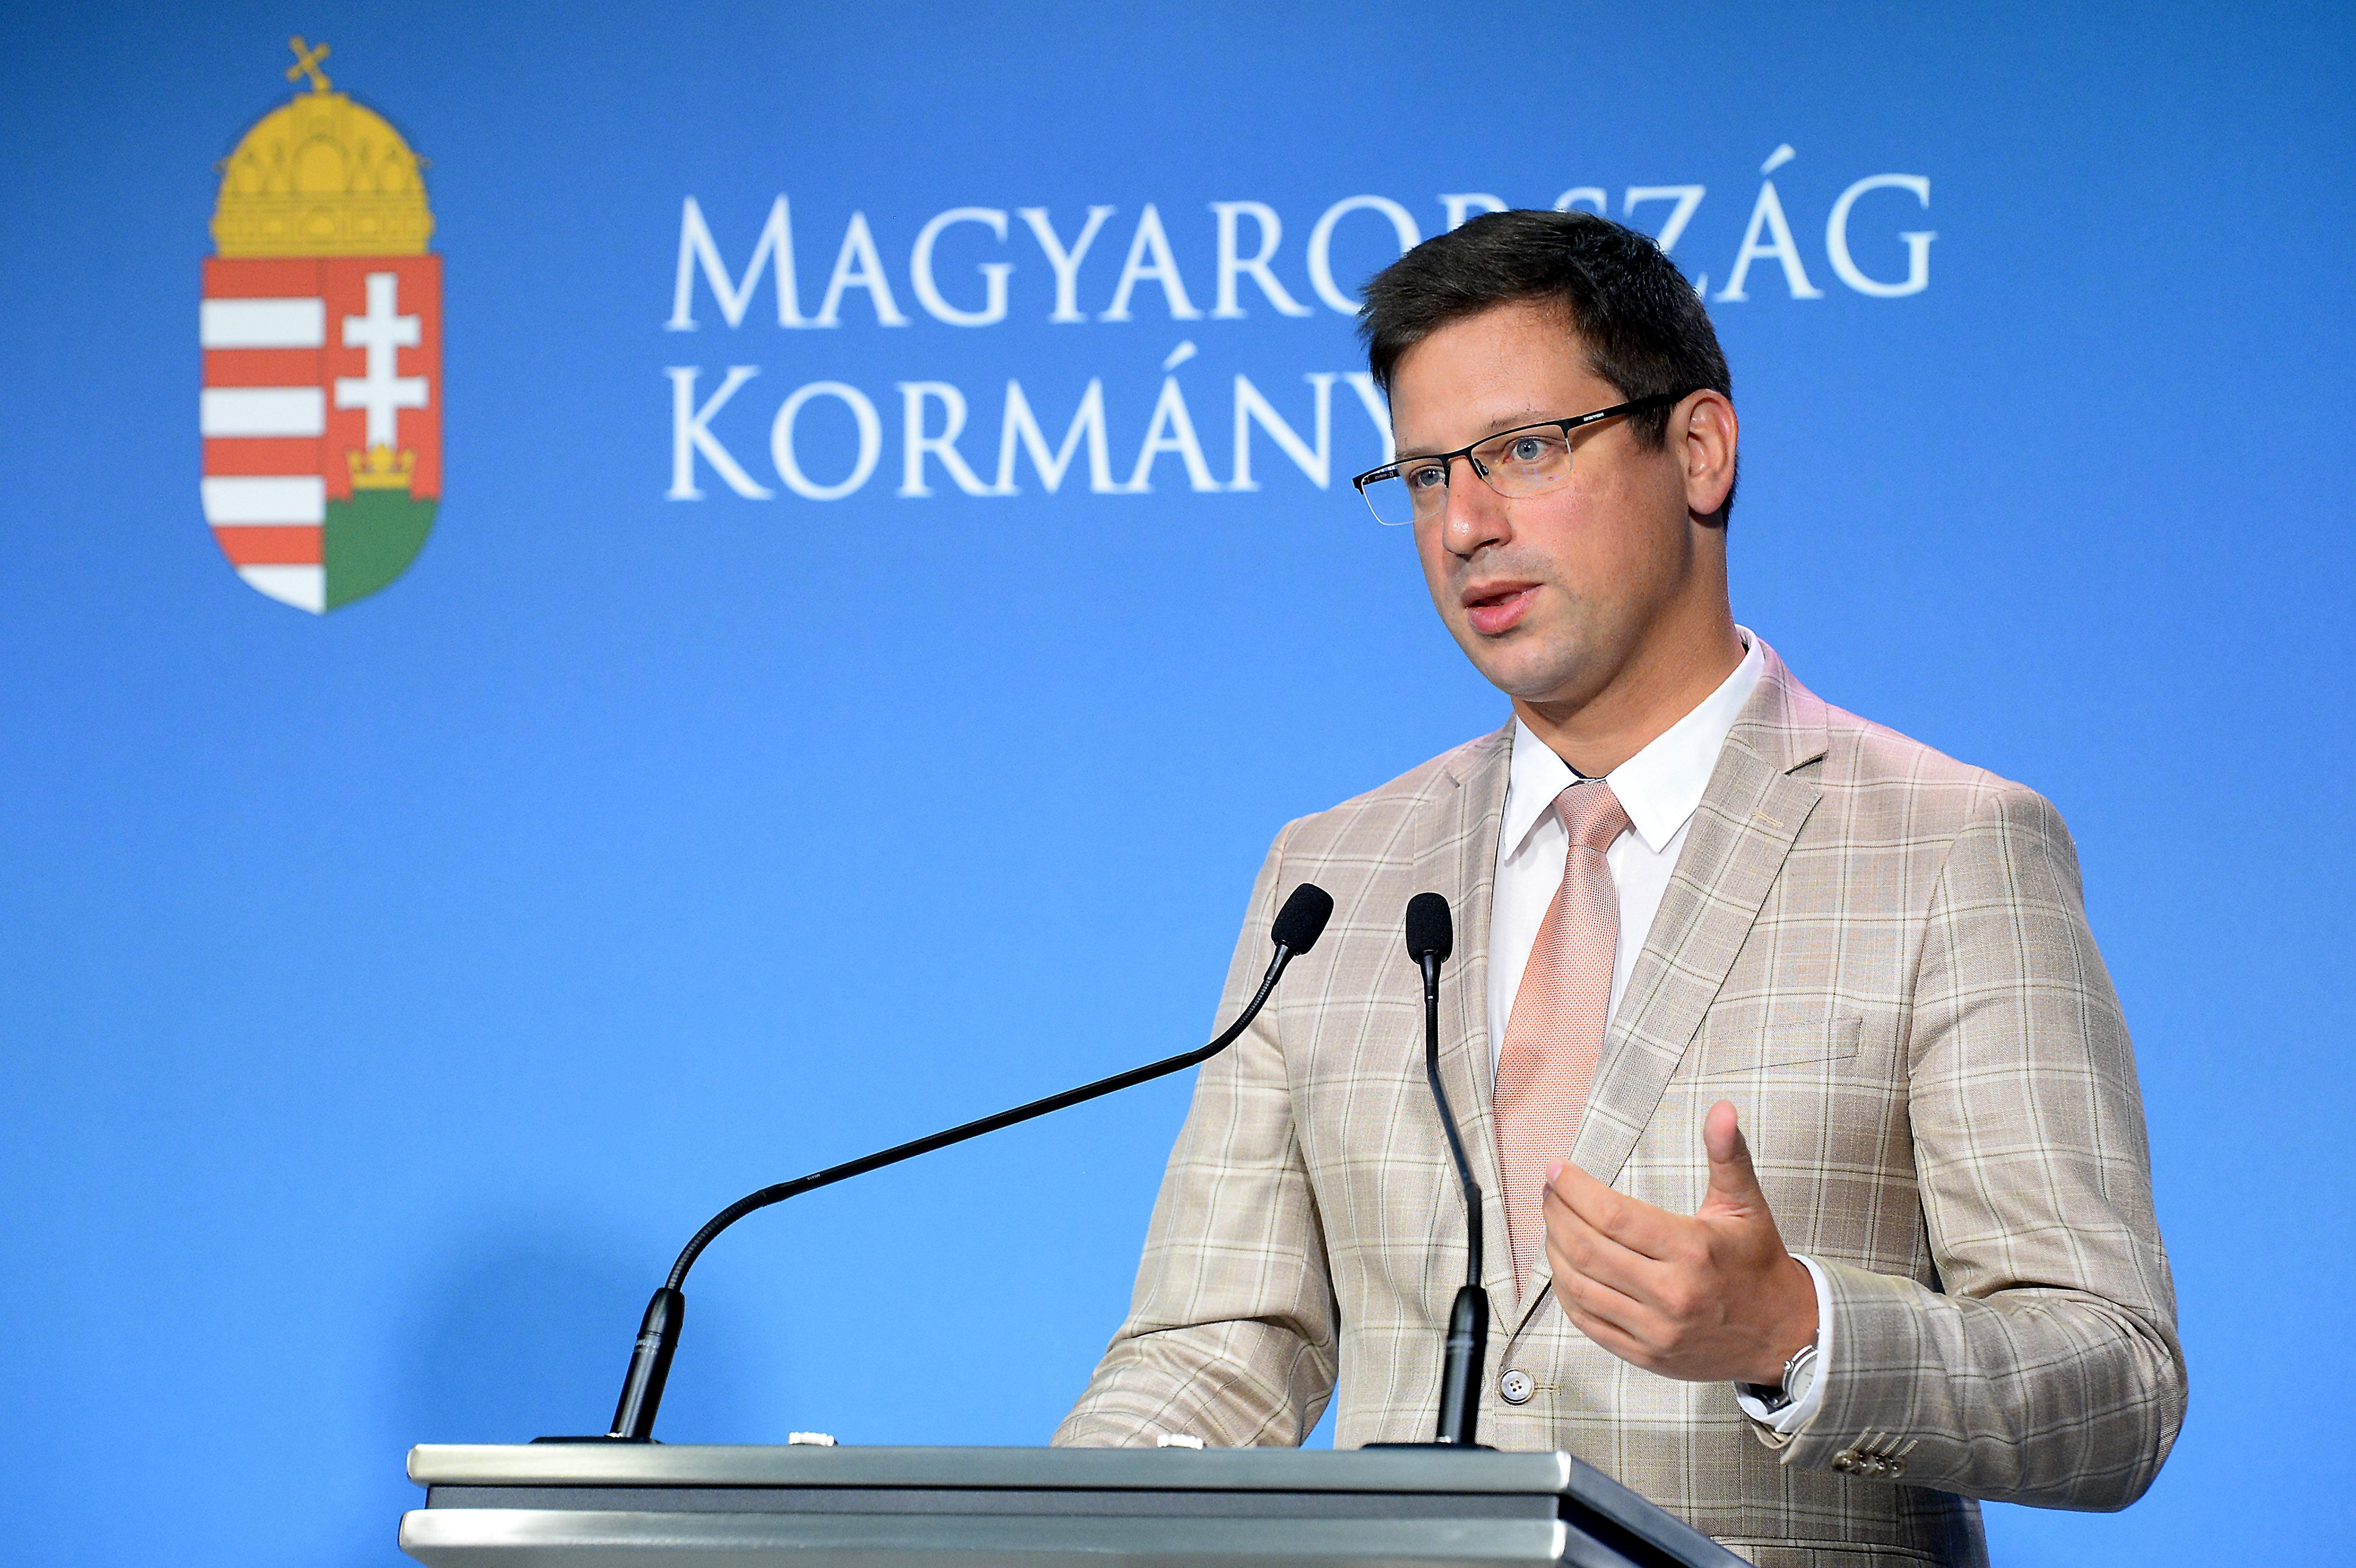 A Választási Bizottság szerint nem gond, hogy Gulyás Gergely azt mondta, ha Karácsony lesz a főpolgármester, Budapest nem kap fejlesztési pénzt